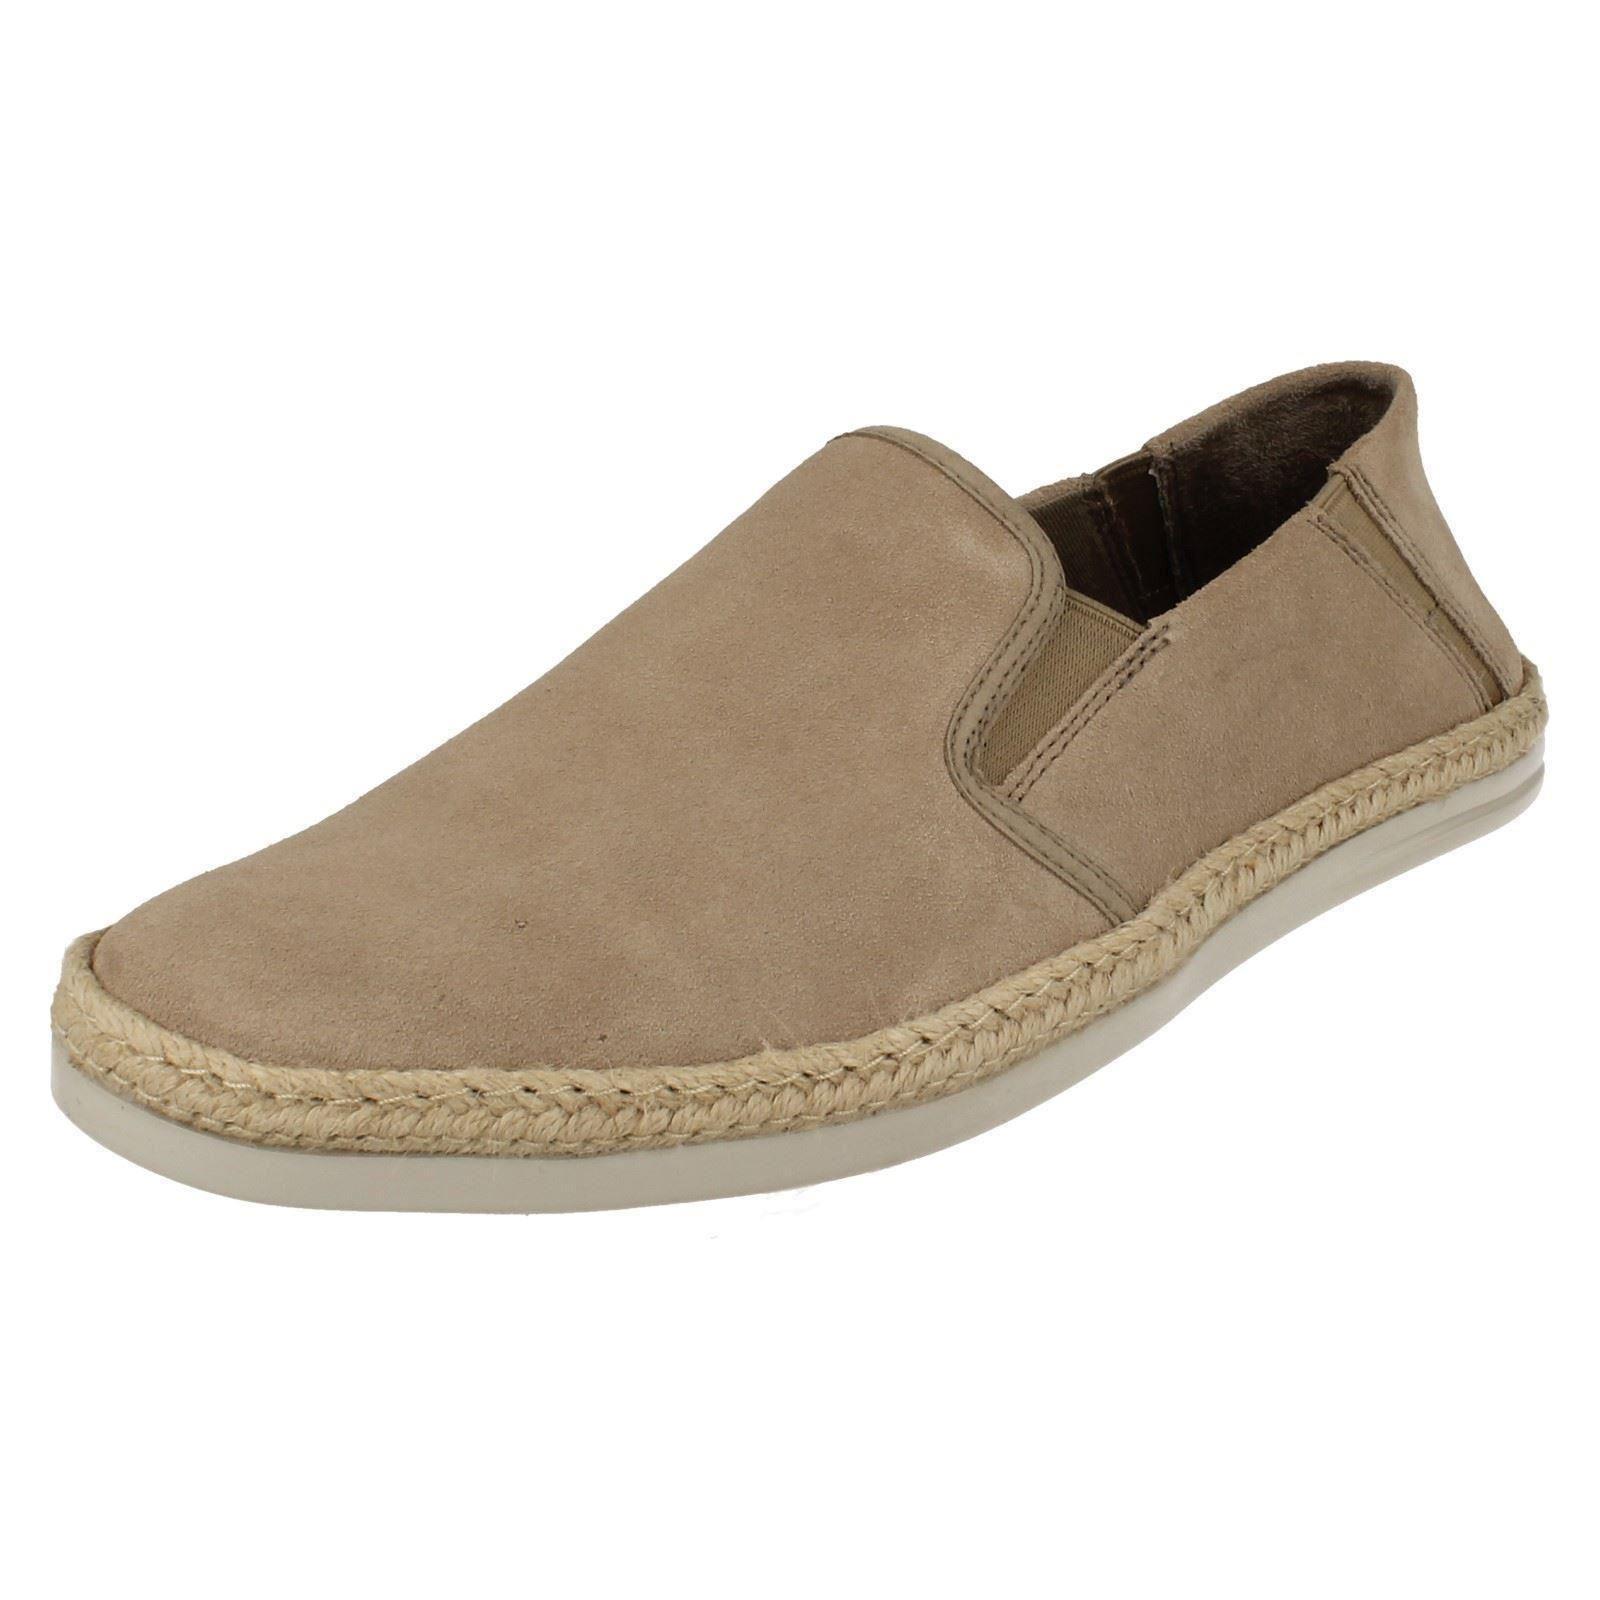 Amazon Clarks Shoes Mens